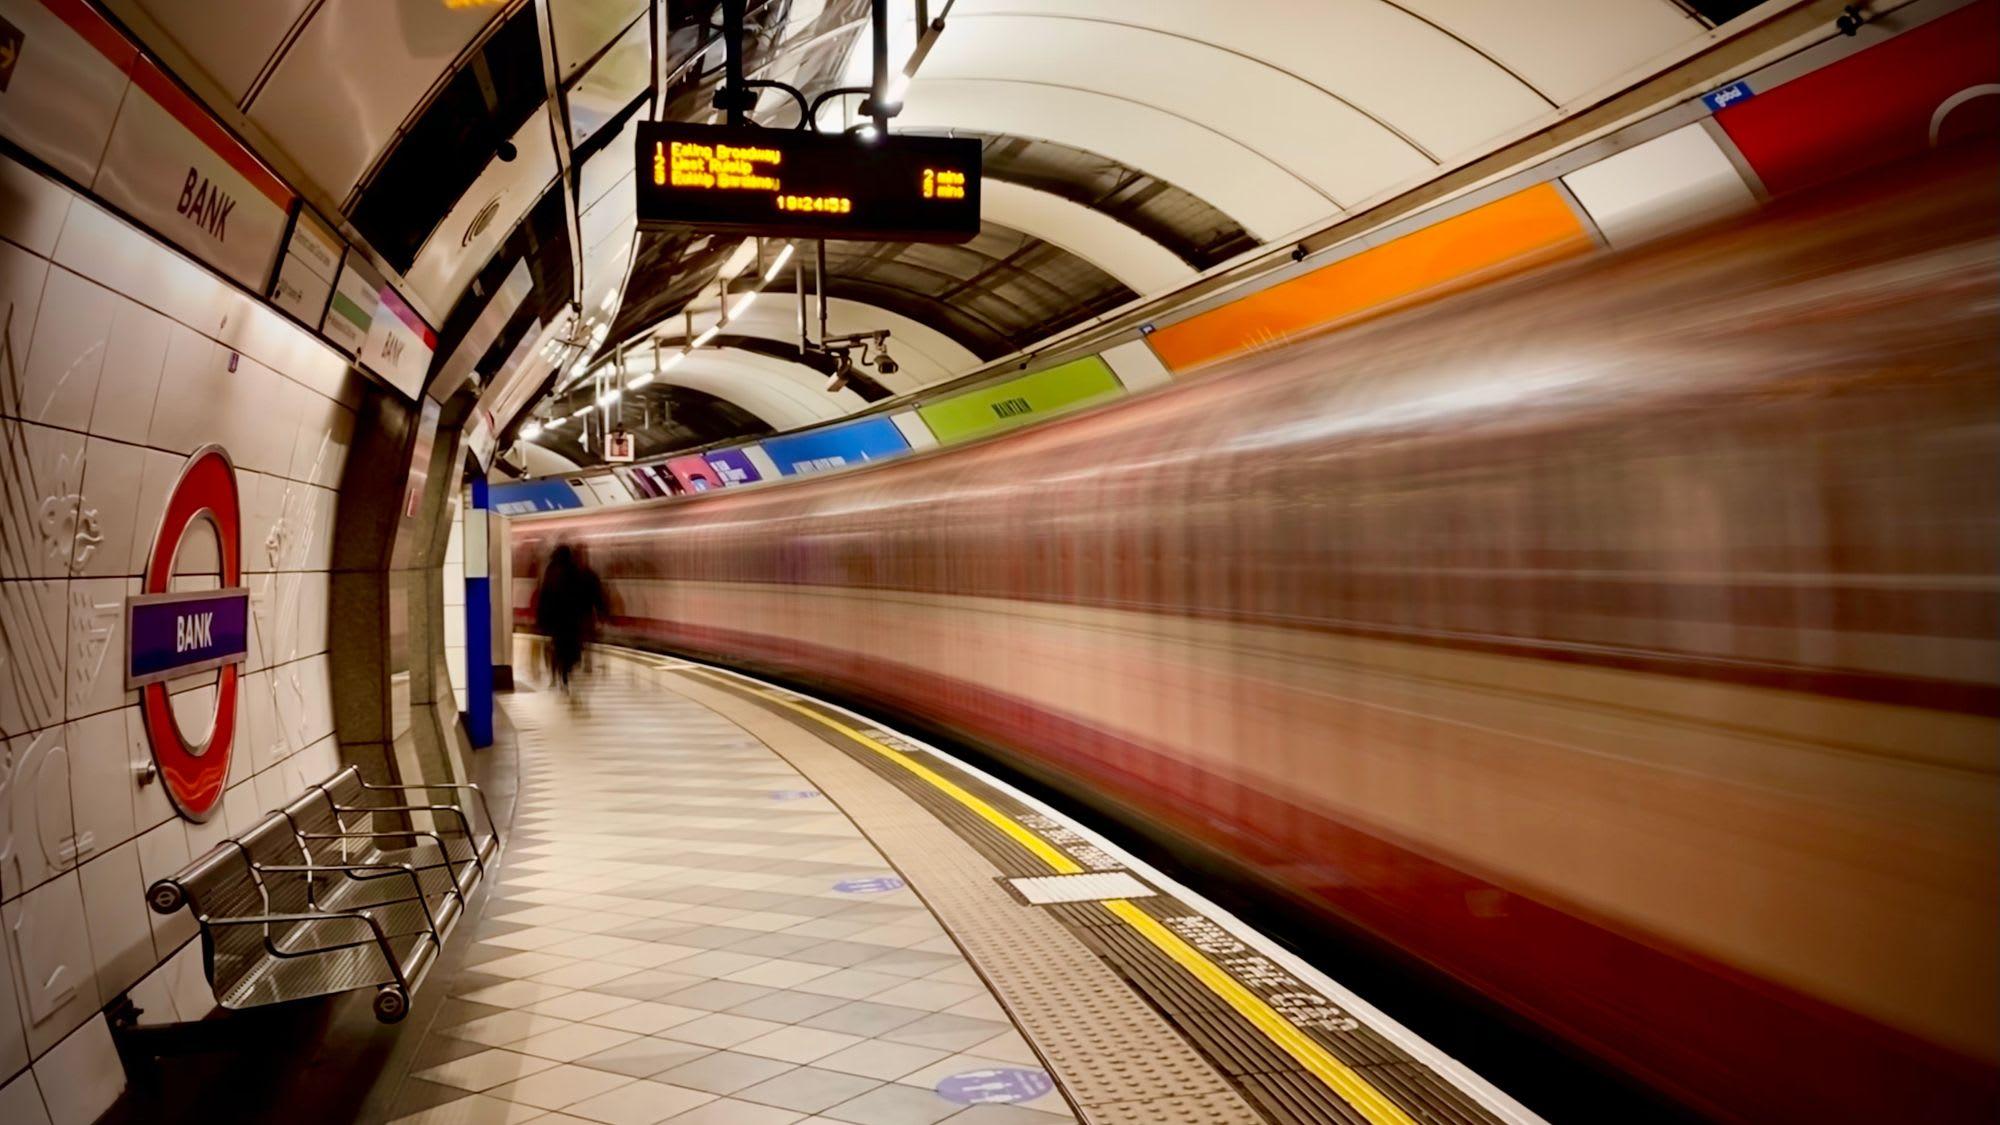 Tube train motion blur